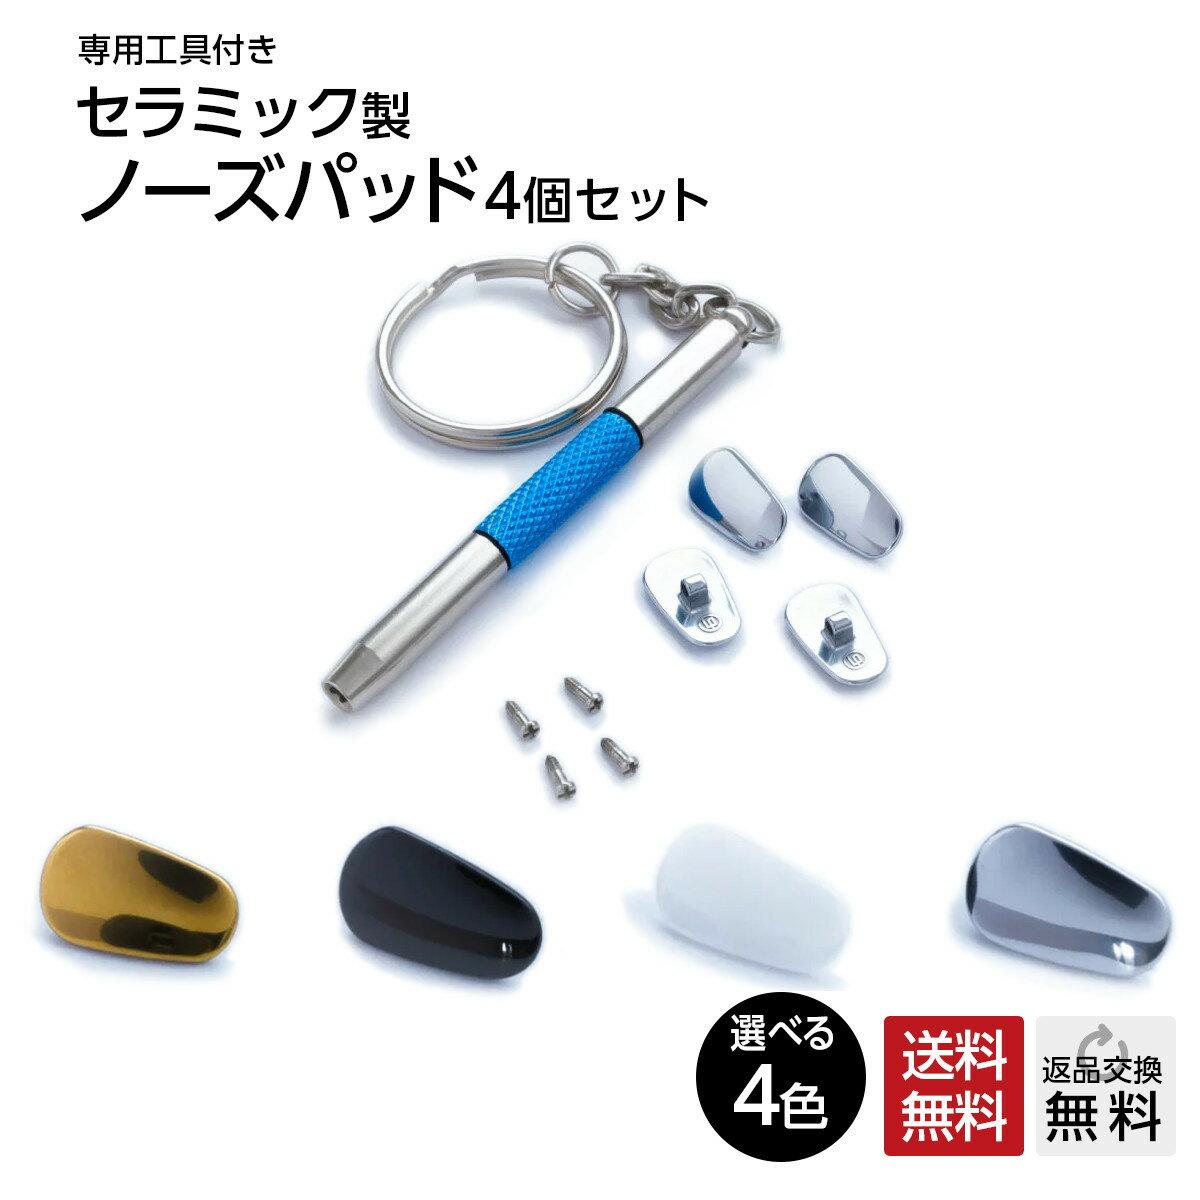 MIDI セラミックパッド CEP-02タイプ (4個入) 有害物質を含まない安心の鼻あて シリコンパッドの変色にお困りの方にもおすすめ 購入後すぐに交換ができる 精密ドライバー・専用ネジ 工具セット / メガネ 鼻パッド